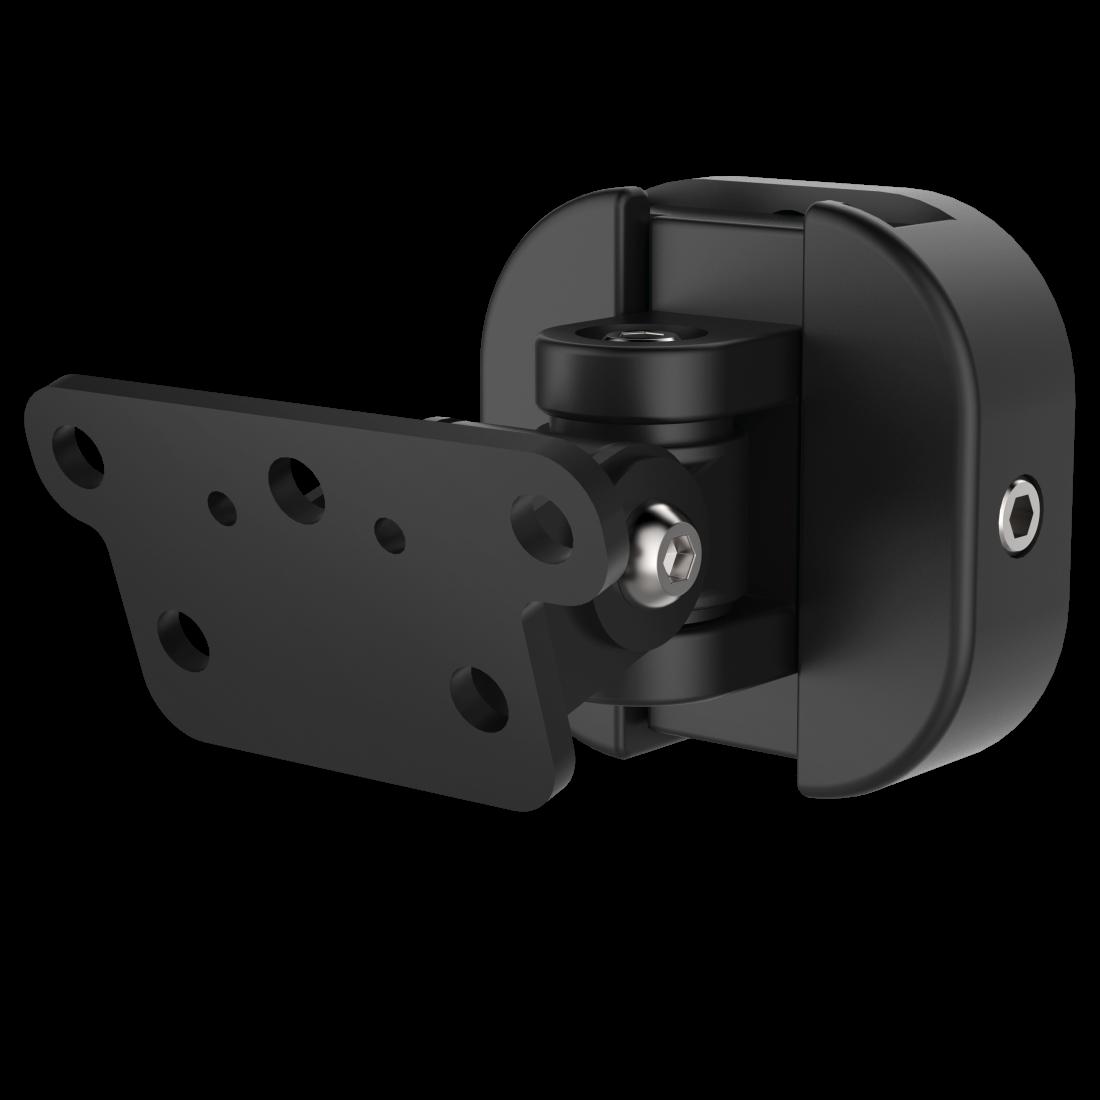 00118031 hama wandhalterung f r wireless lautsprecher universal voll beweglich schwarz hama de. Black Bedroom Furniture Sets. Home Design Ideas